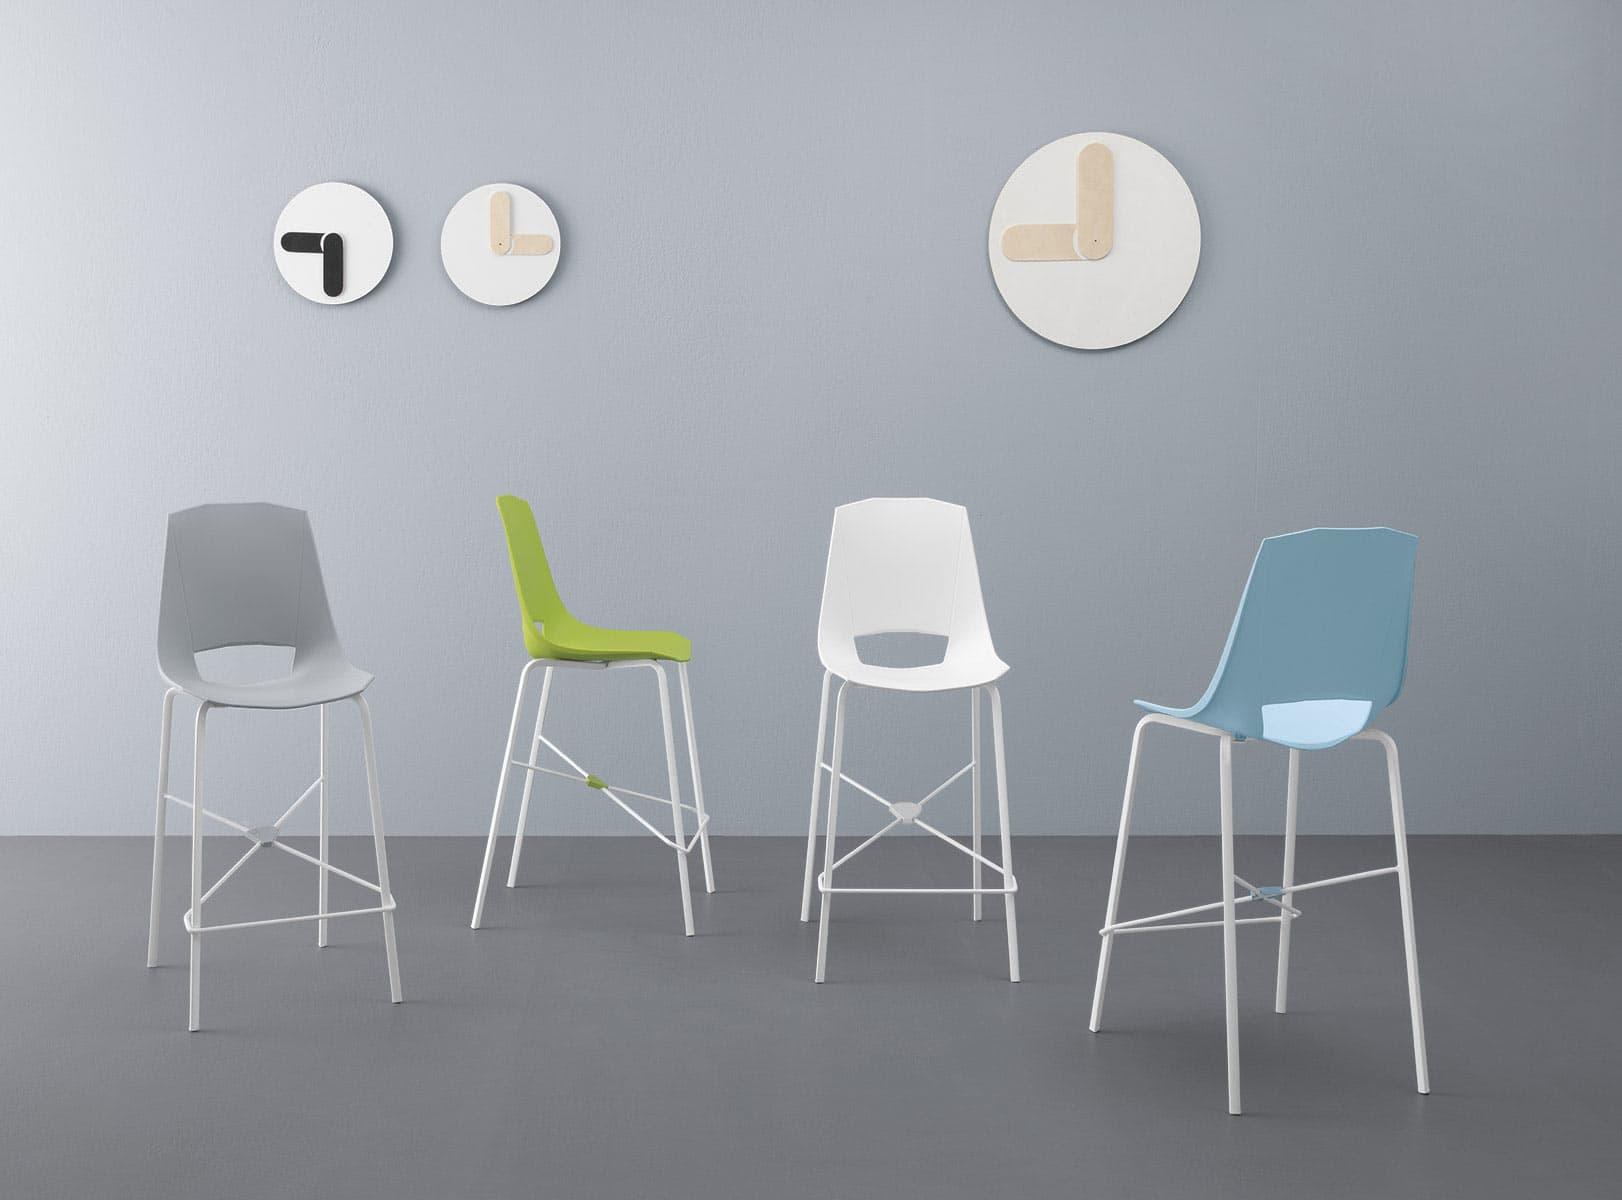 Tavoli sedie e sgabelli arredamento a monclassico trento